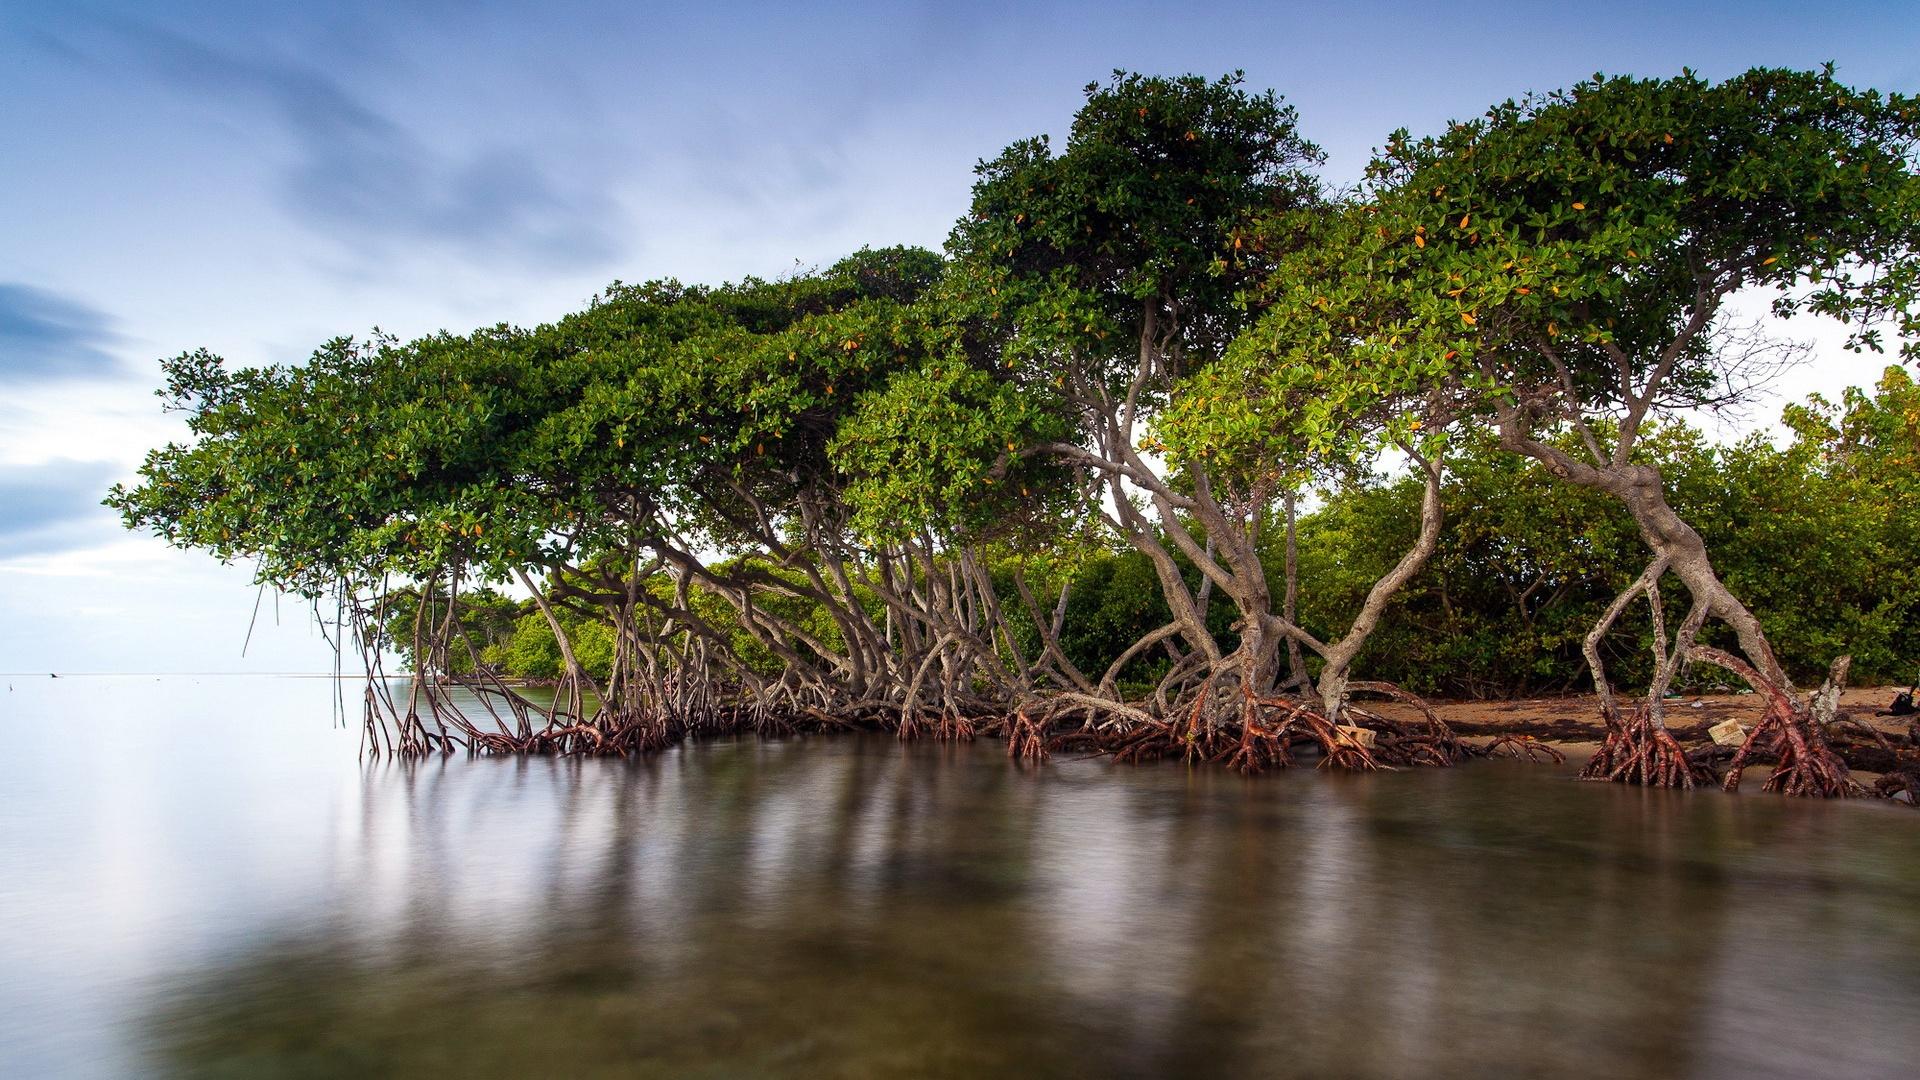 壁纸 湖边风景红树林 1920x1200 Hd 高清壁纸 图片 照片